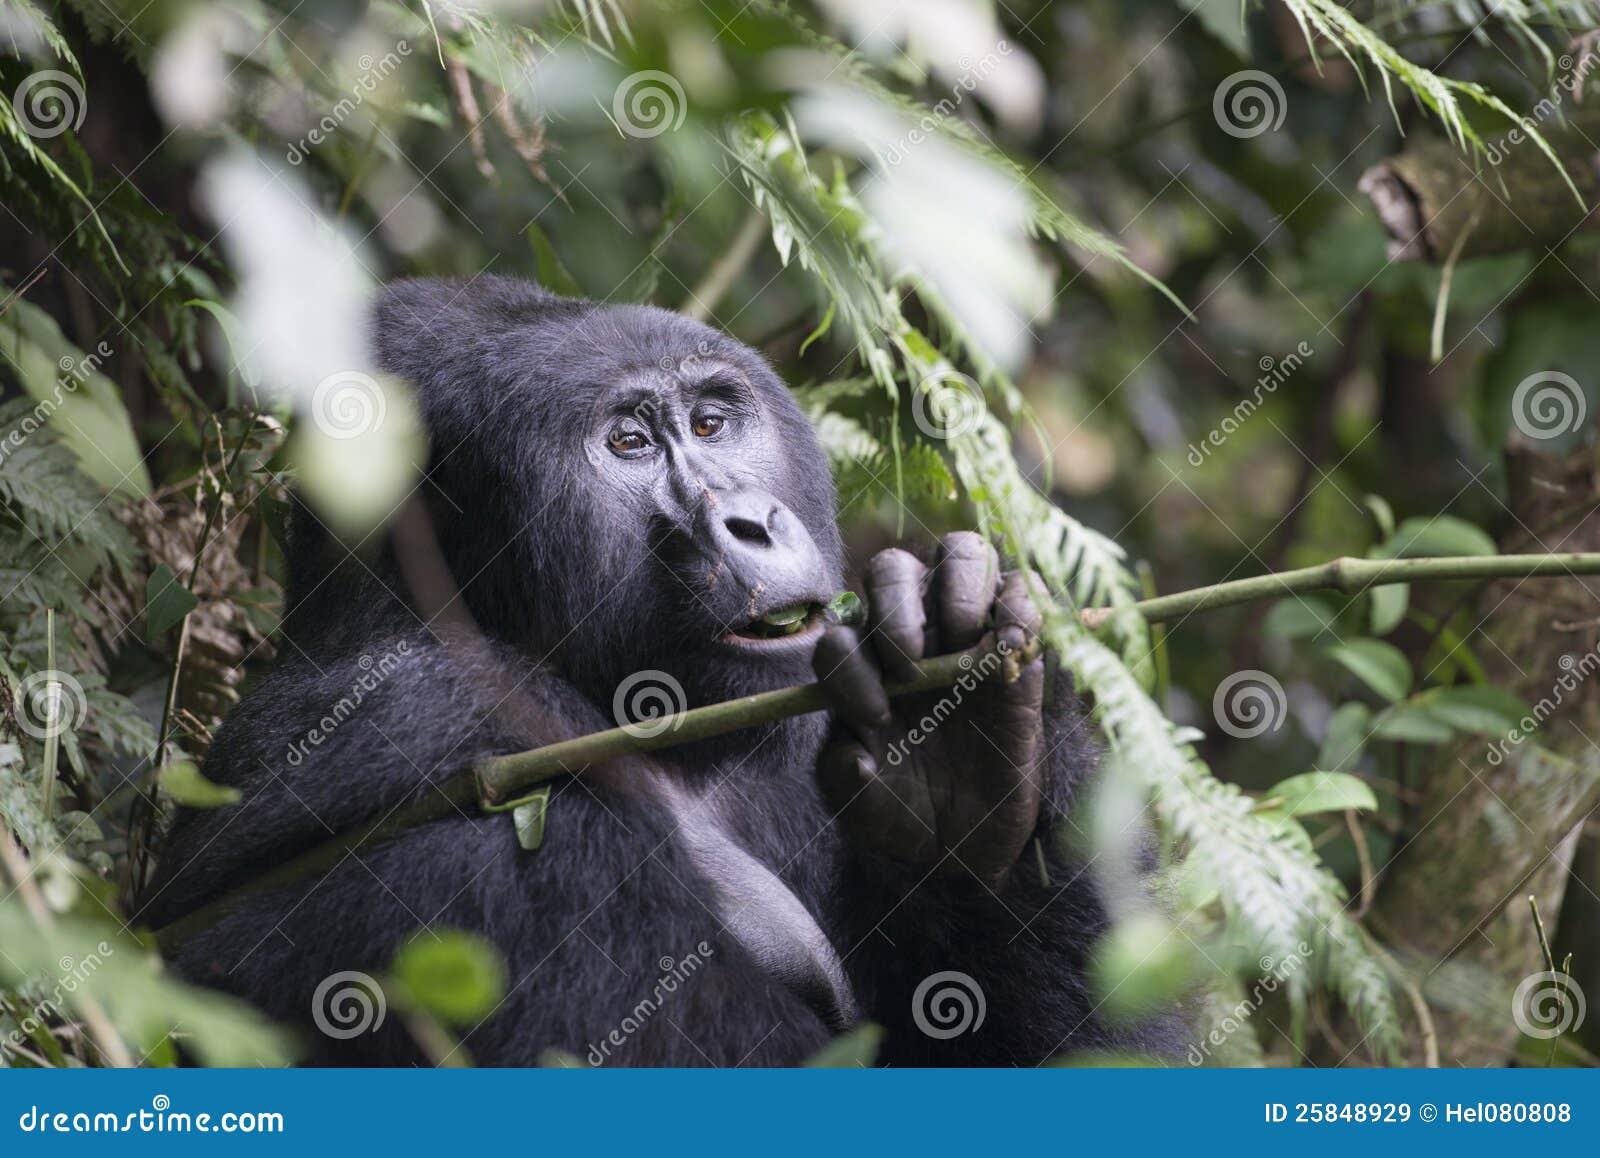 大猩猩在乌干达,非洲的rainf森林里